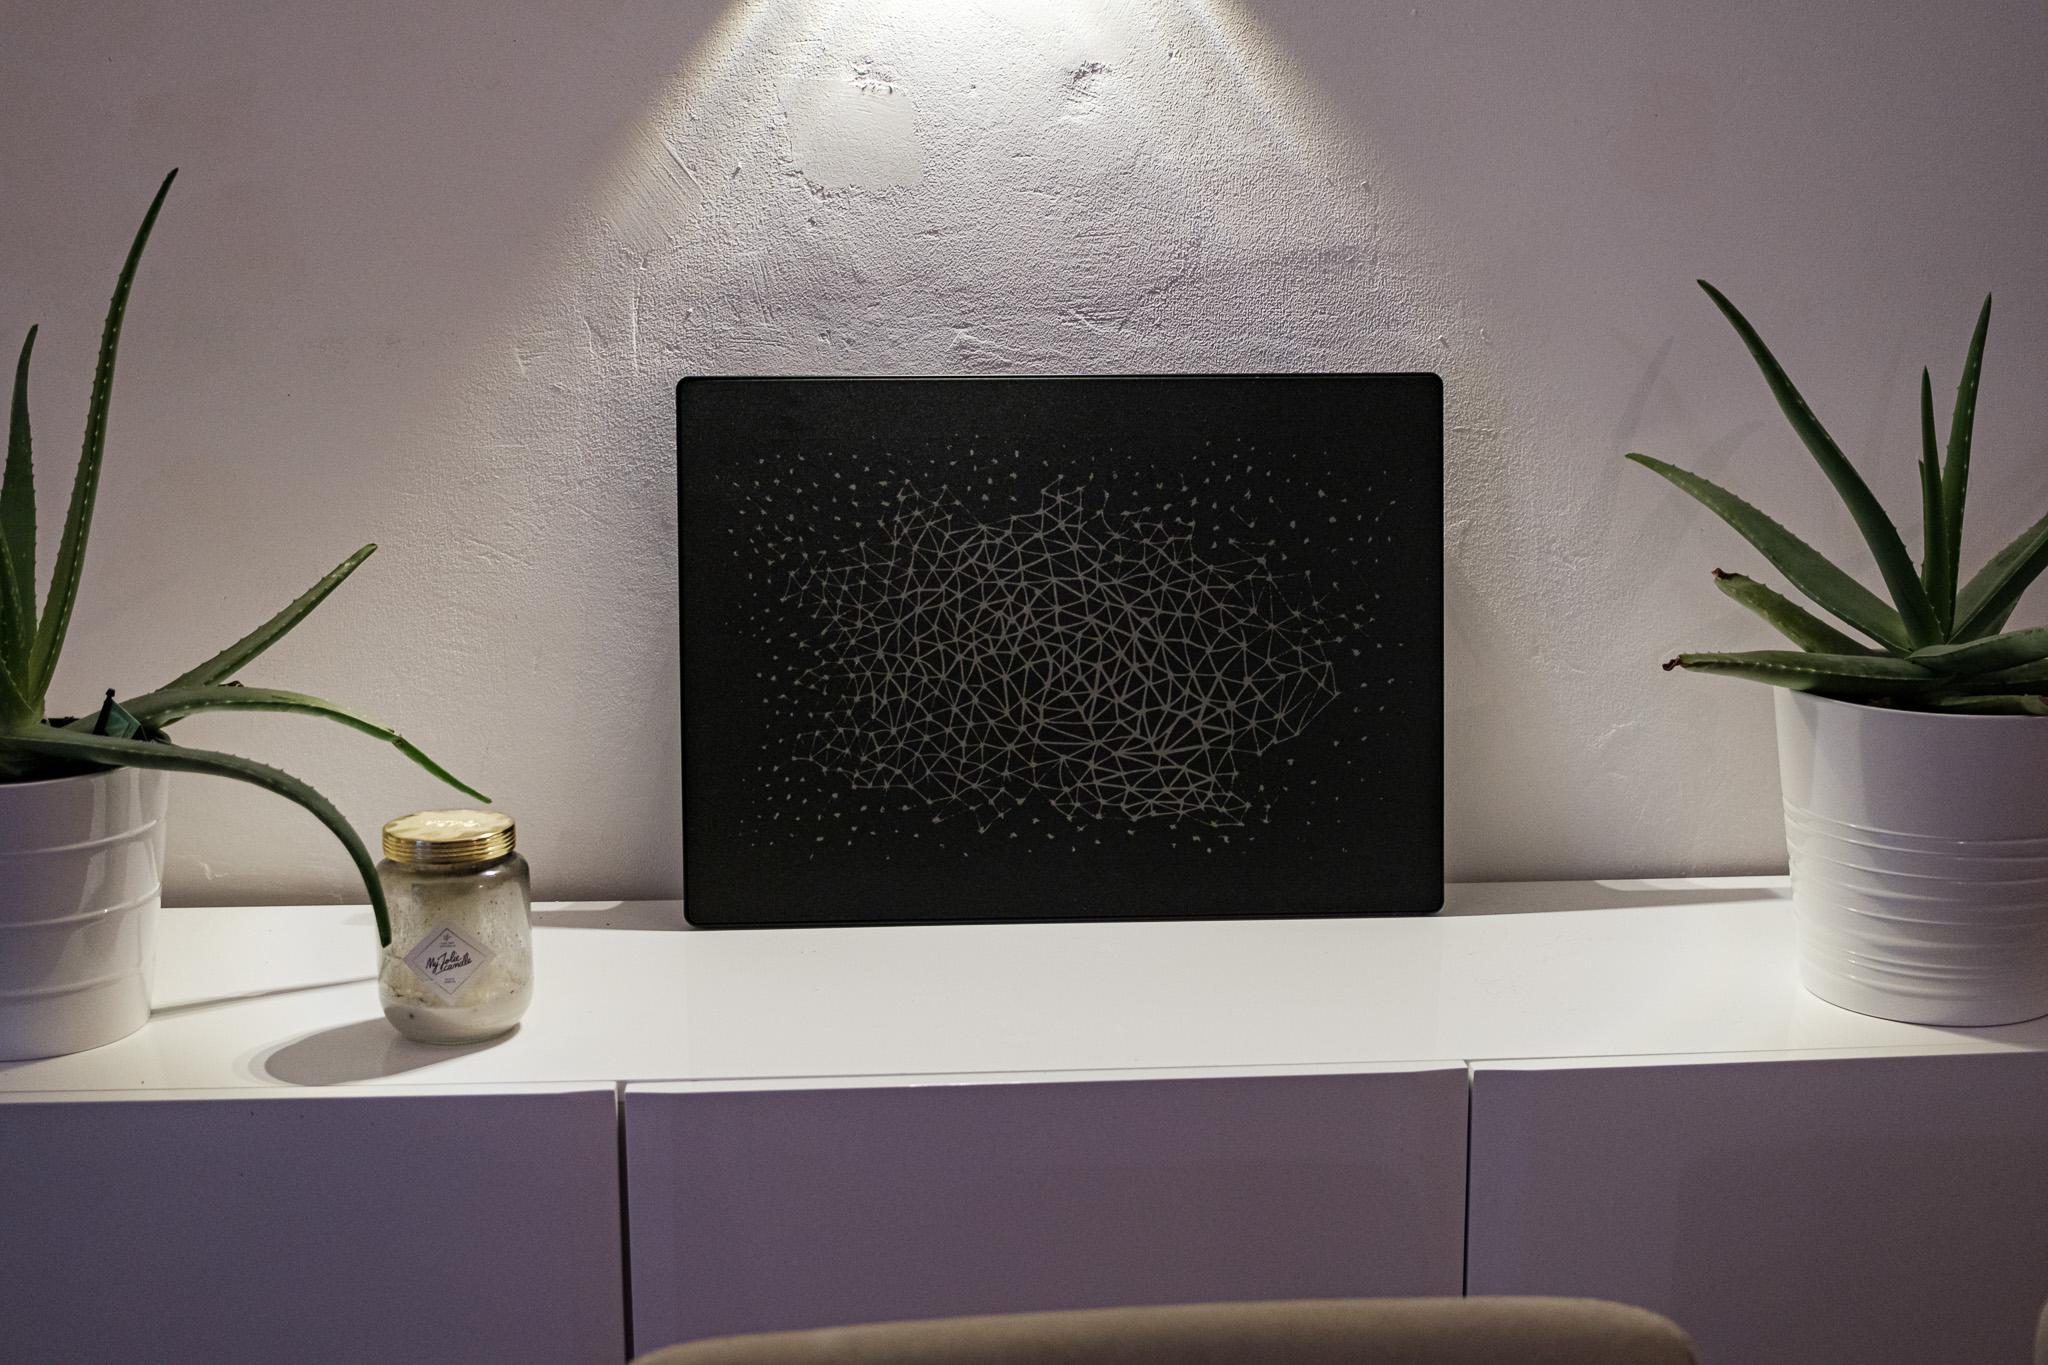 Mon test de l'enceinte Ikea Symfonisk : du Sonos dans un tableau déco IKEA